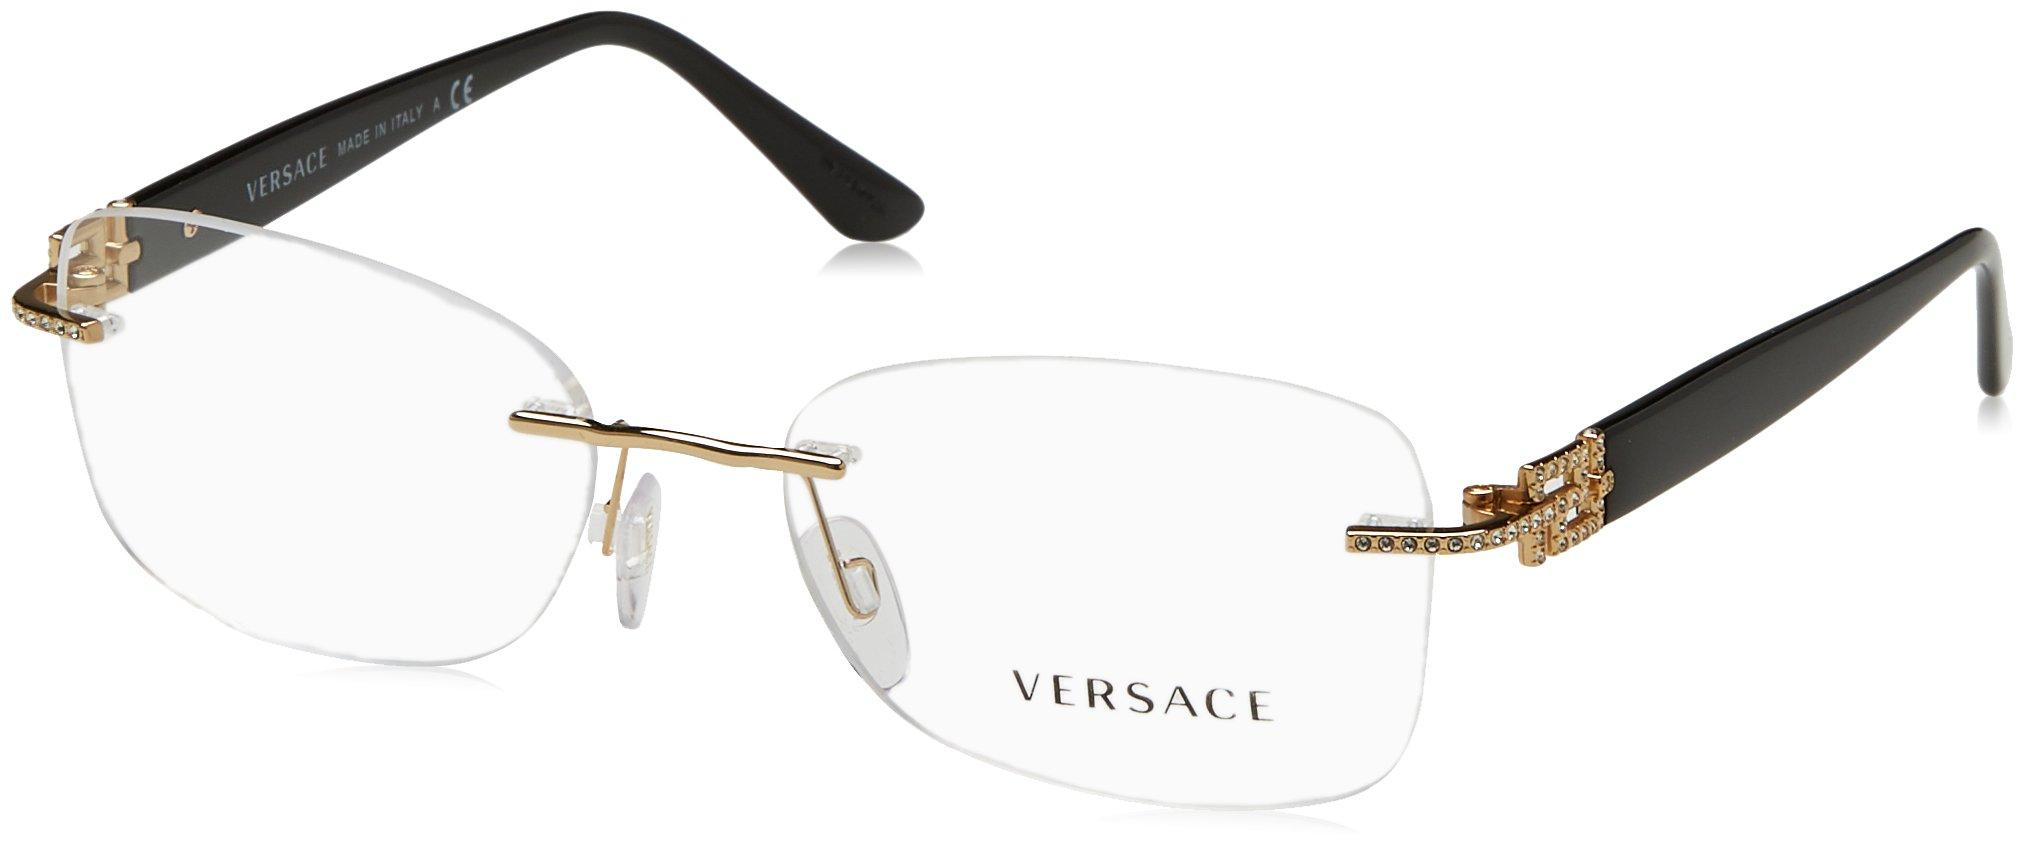 New Versace Eyeglasses Women VE 1225B Gold 1002 VE1225B 53mm